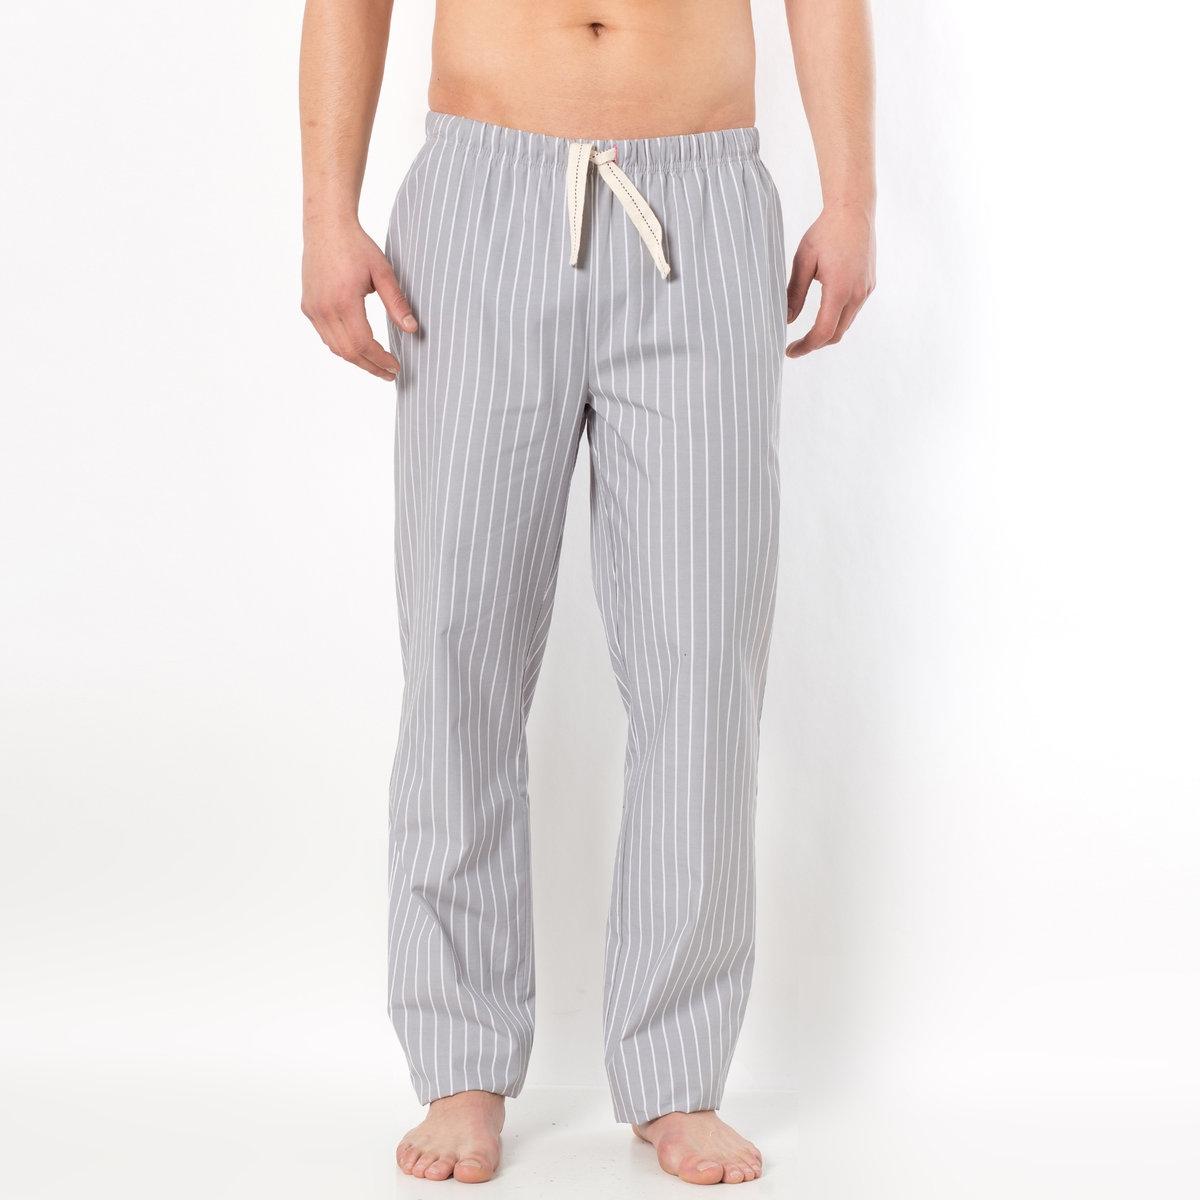 Брюки домашние в полоскуДомашние брюки из поплина в полоску, 100% хлопка. Можно носить с домашней футболкой. Эластичный пояс с завязками. 1 накладной карман сзади.<br><br>Цвет: серый/в полоску<br>Размер: 40/42